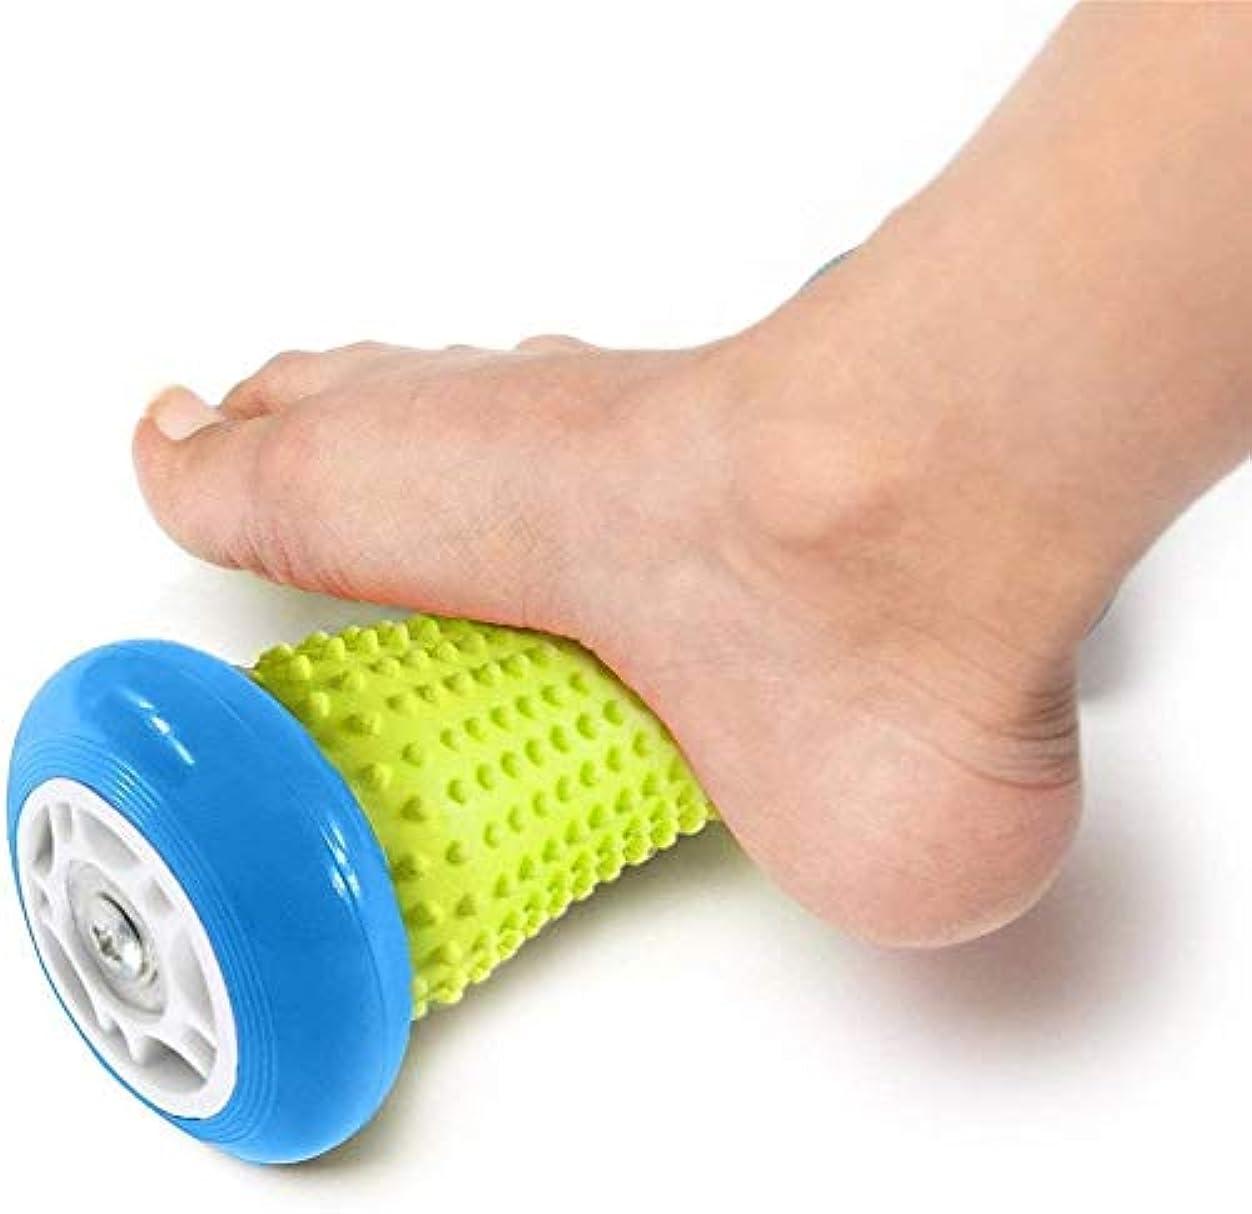 群れのため剛性フットマッサージローラー - 筋肉ローラースティック - 足底筋膜炎手首と前腕運動ローラー用手首と前腕運動ローラー、足底筋膜炎などのための回復ツール